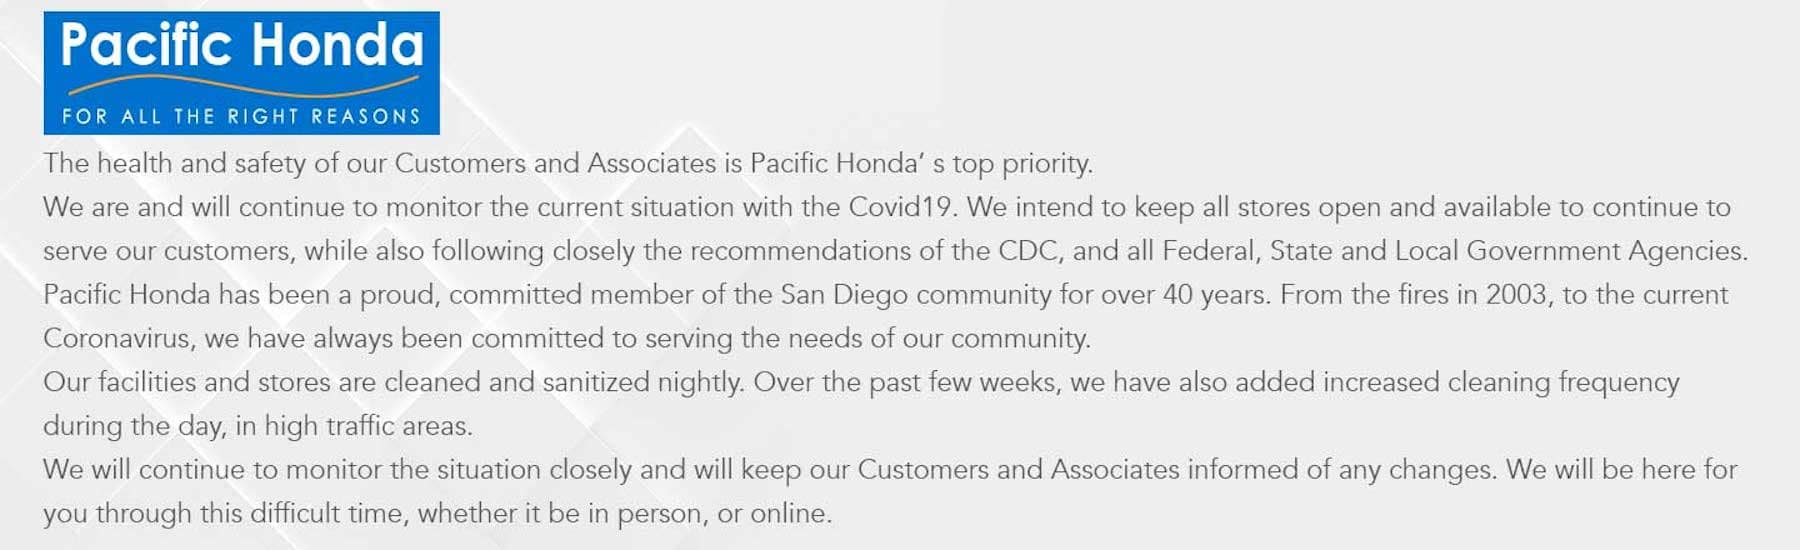 COVID-19 message